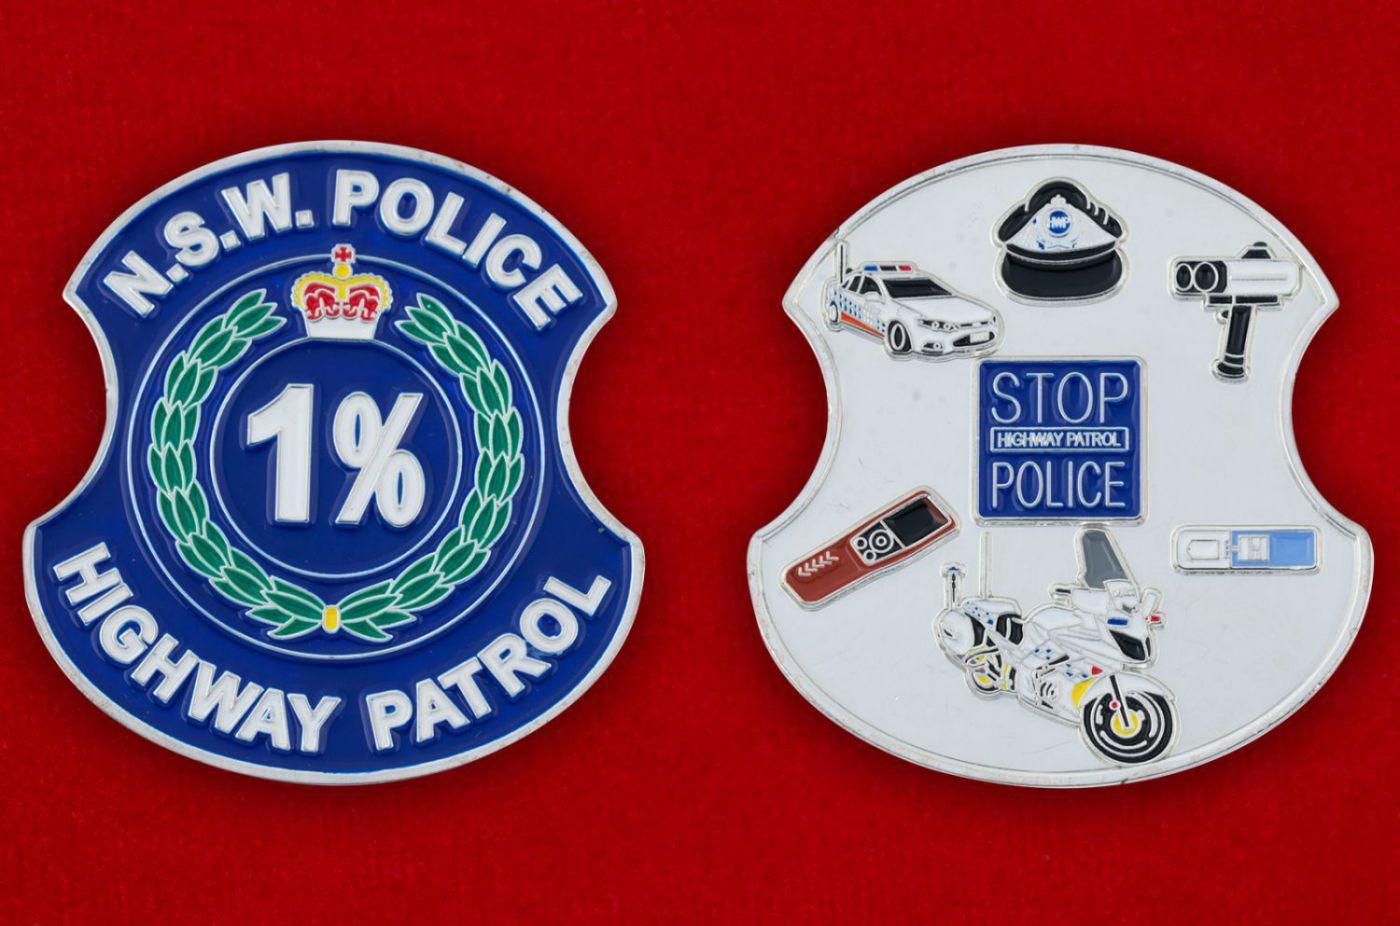 Челлендж коин Дорожного патруля полиции штата Новый Южный Уэльс (Австралия) - аверс и реверс